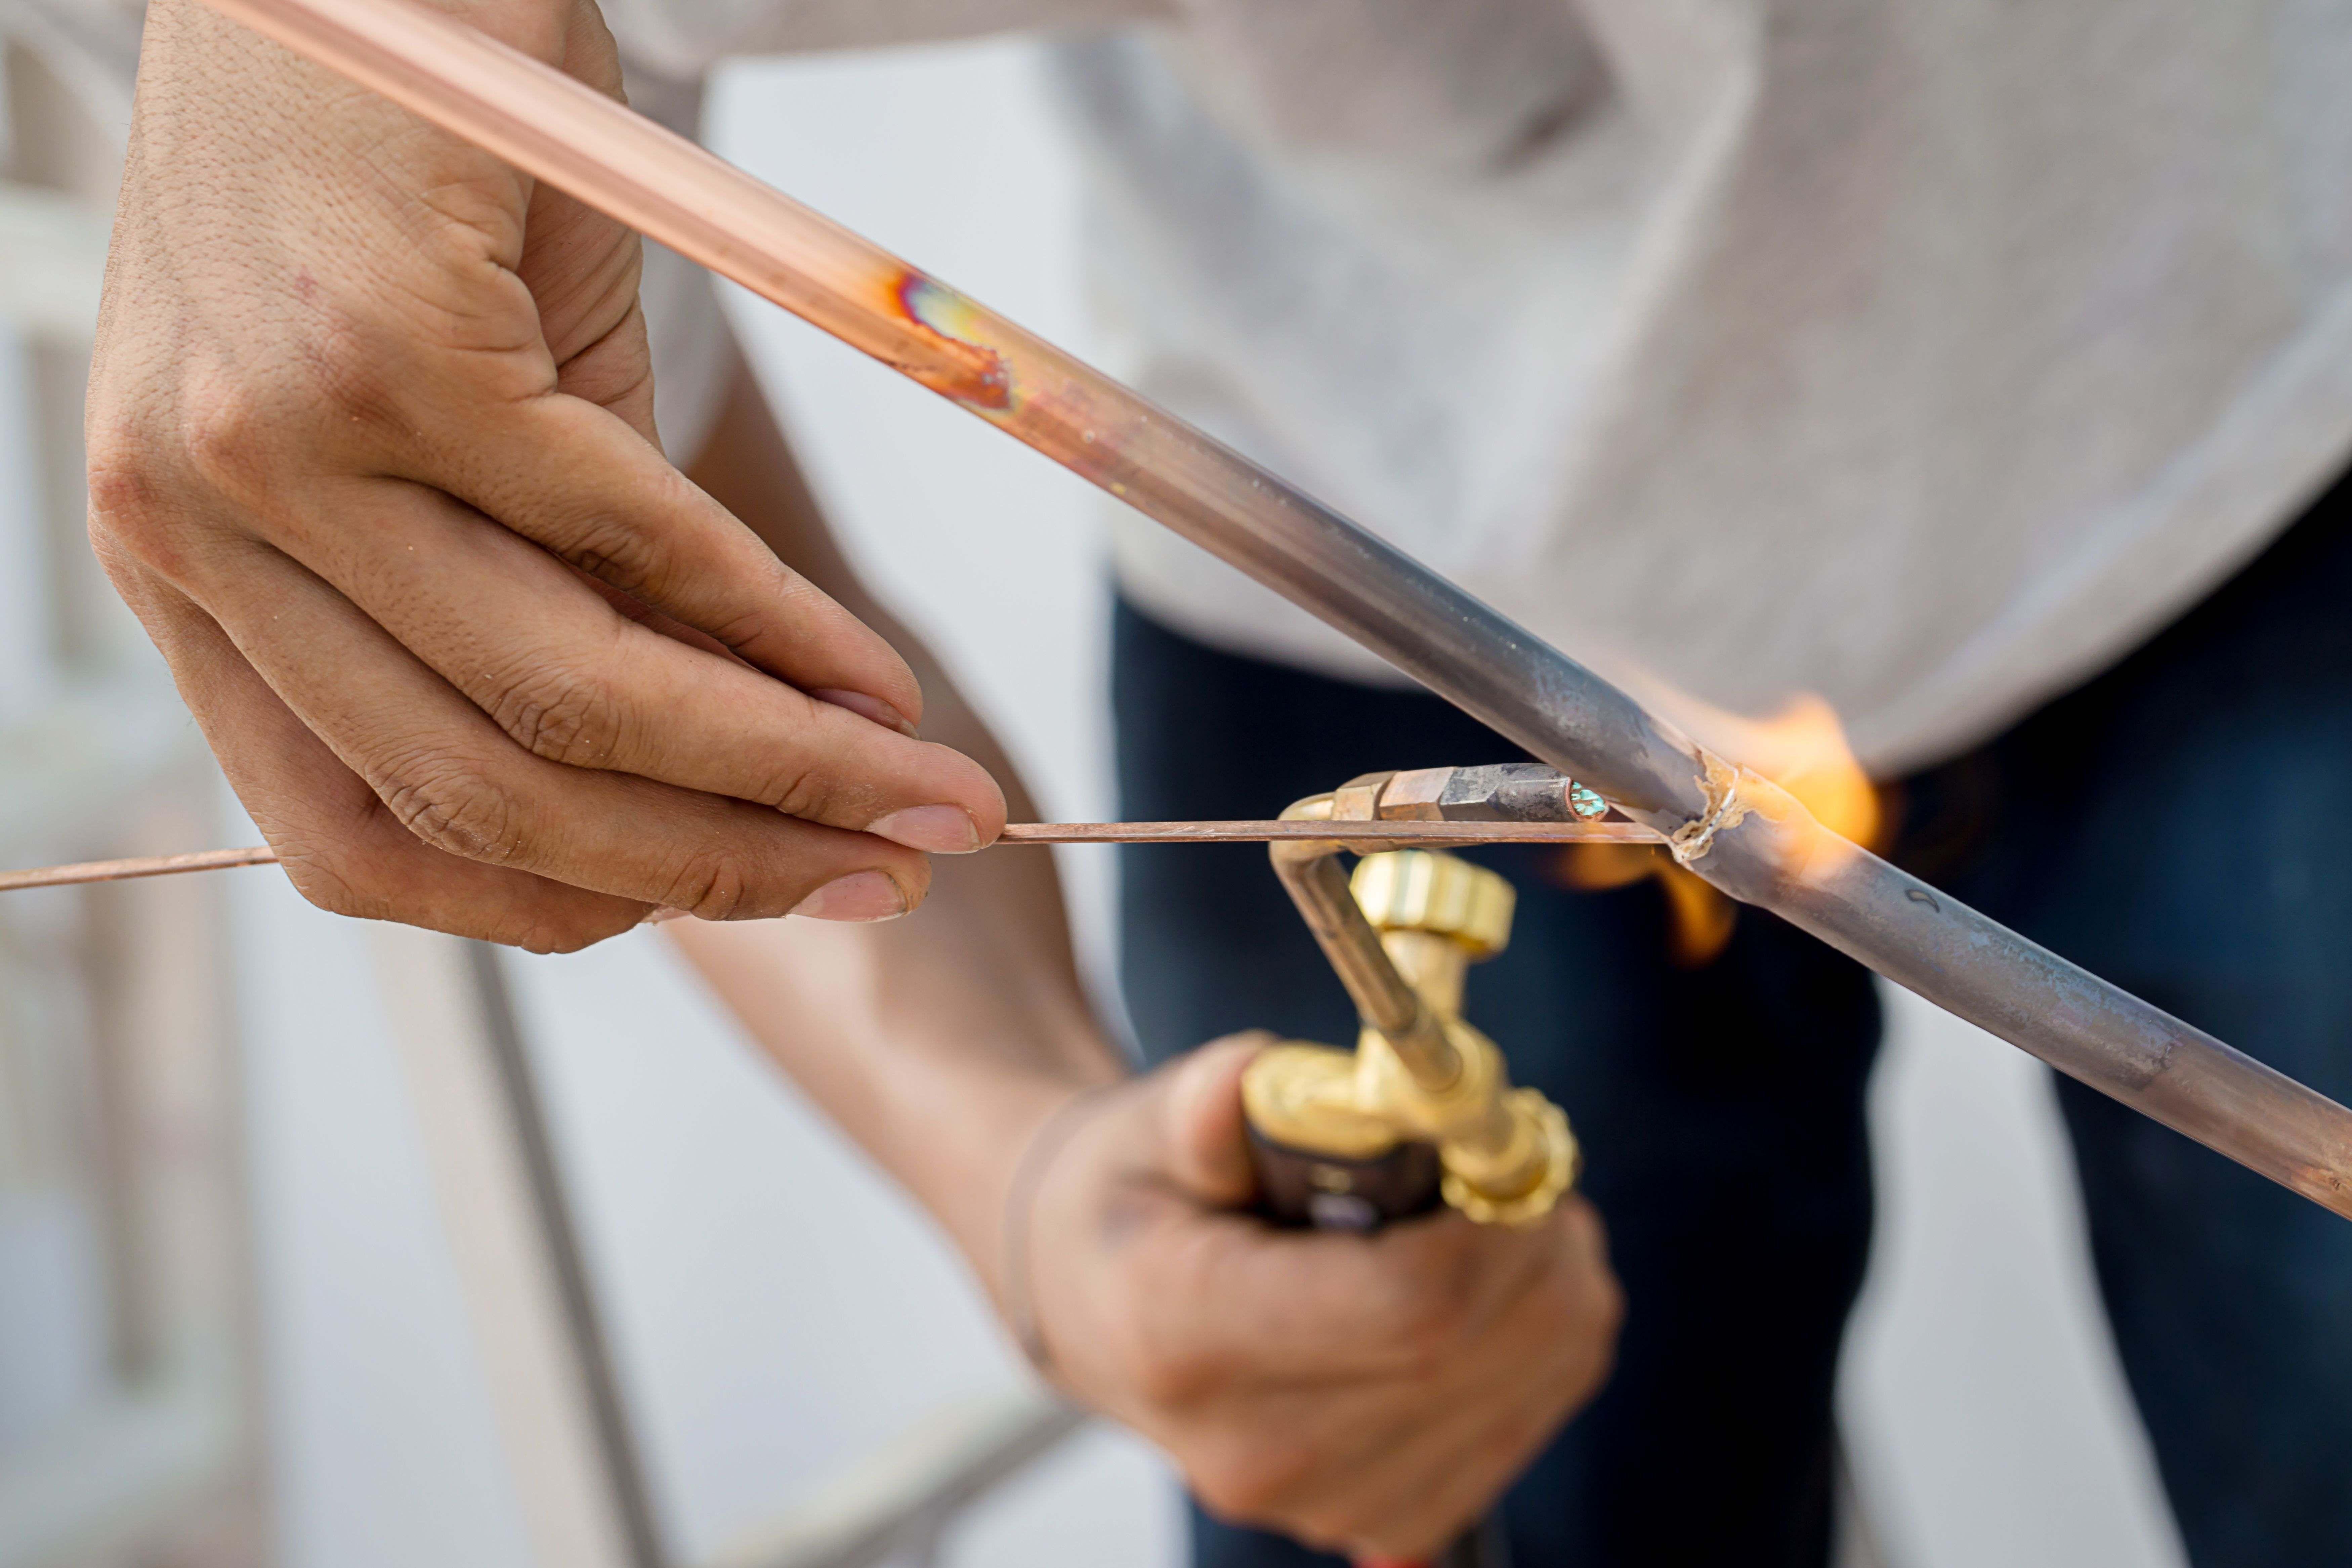 Comment braser des tuyaux en cuivre